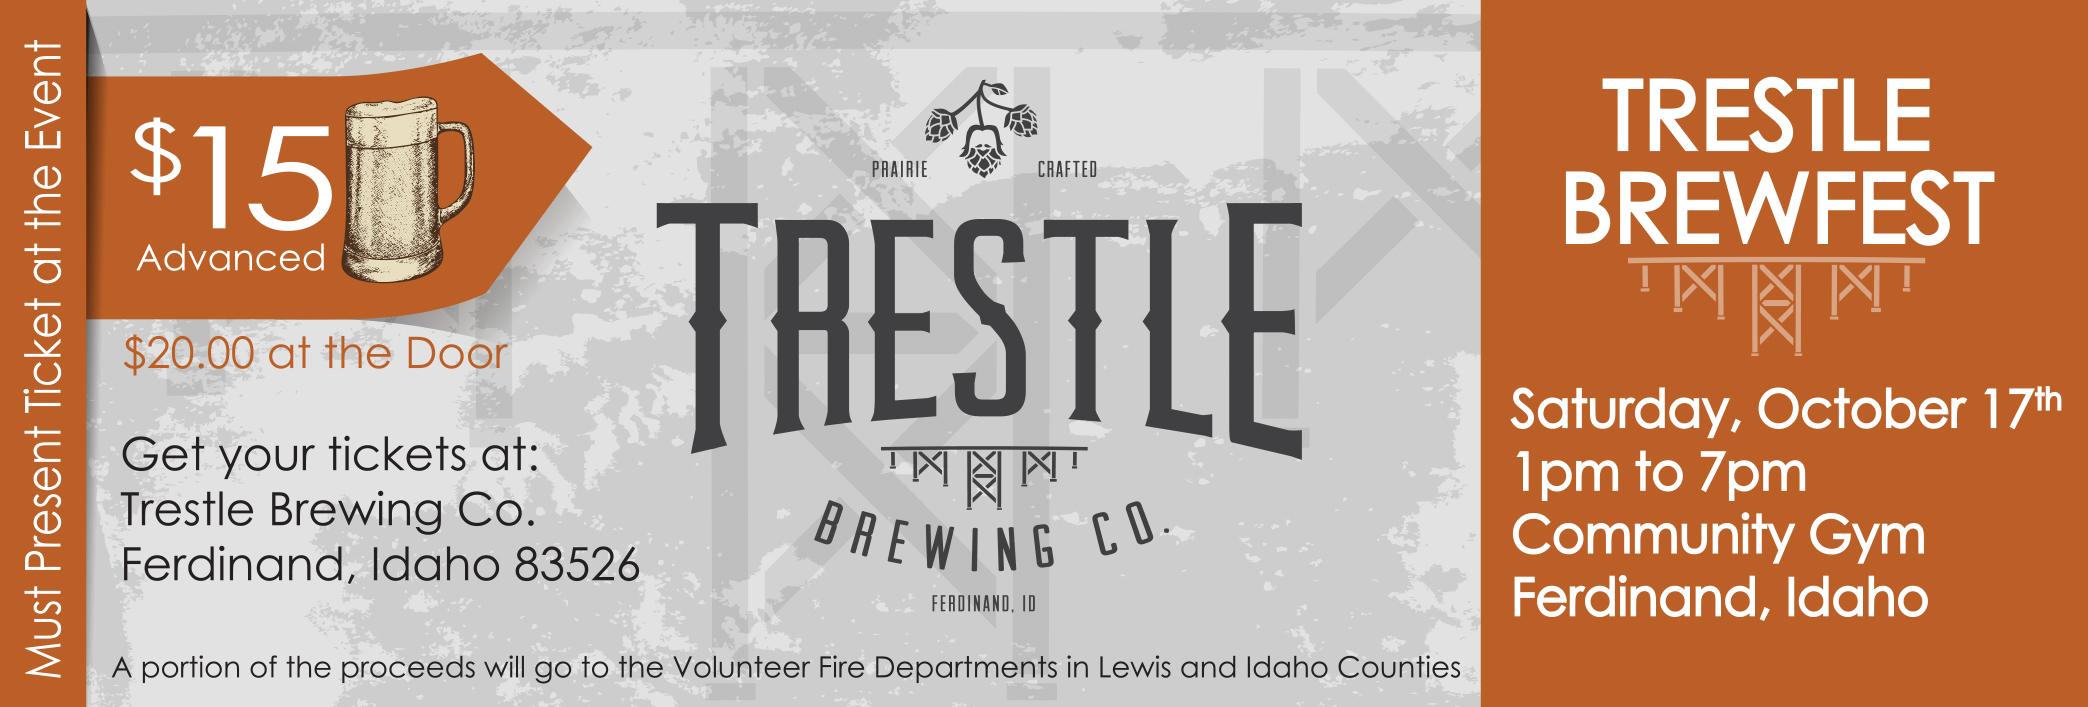 TrestleBrewfest-2.jpg